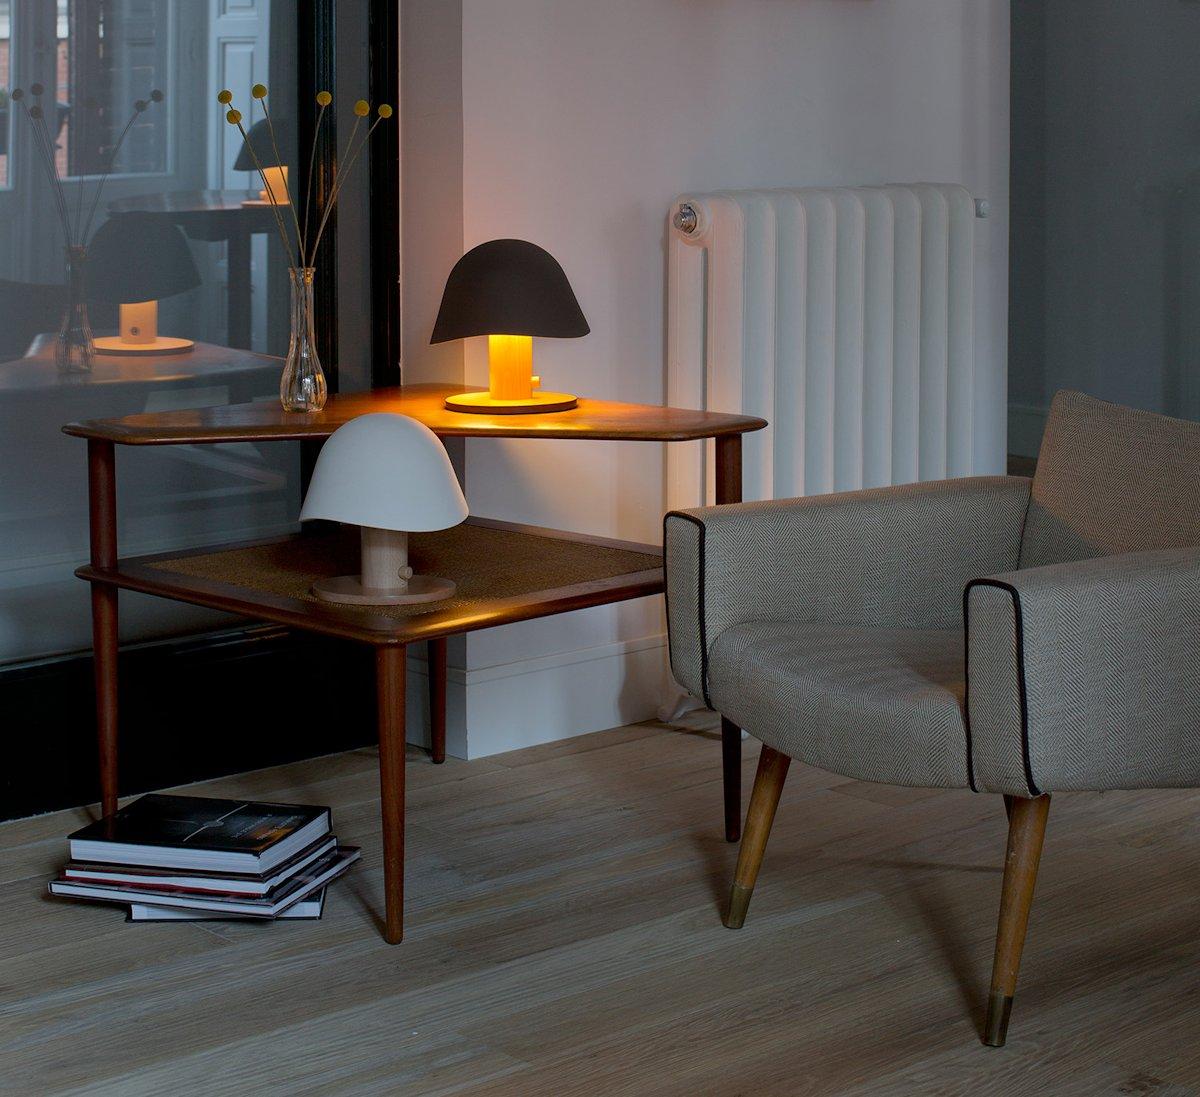 Клаудиа Гарай, Claudia Garay, Garay Studio, настольная лампа Mush Lamp, Mush Lamp, портативная настольная лампа, дизайнерская мебель